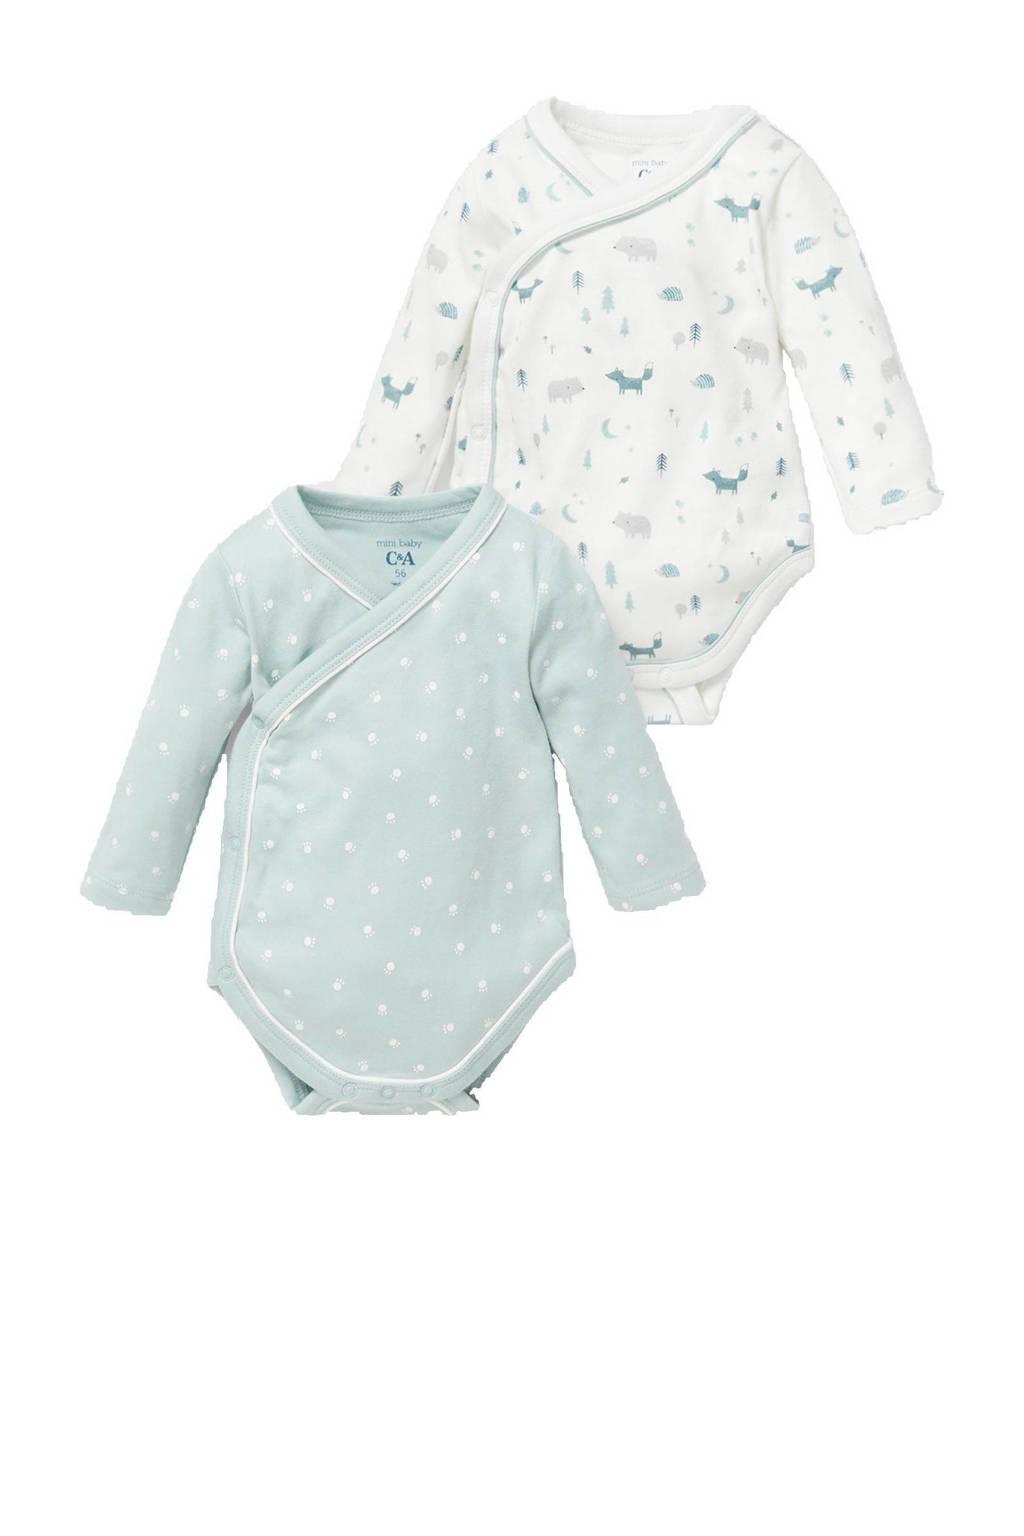 C&A Baby Newborn C&A Baby Newborn set van 2 - blauw/wit, Blauw/wit